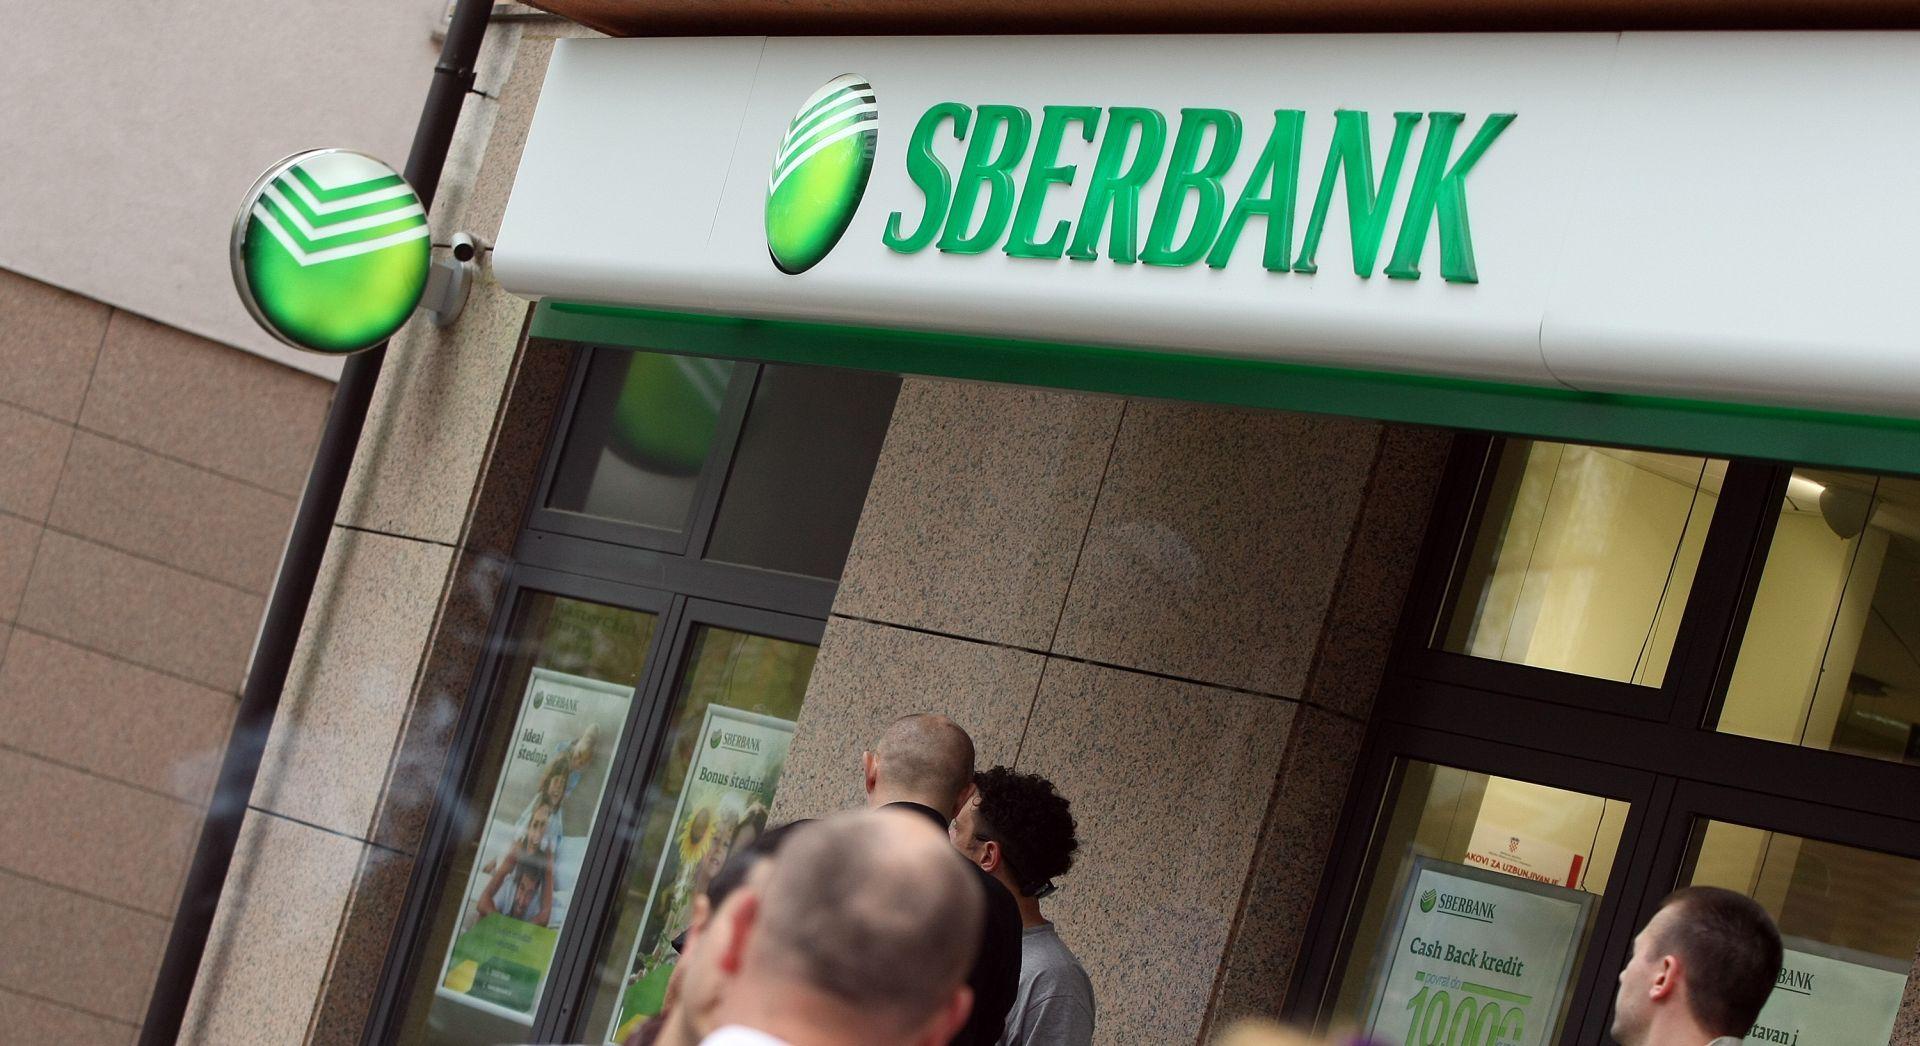 Članovi Udruge Franak blokirali rad poslovnice Sberbanke u Varšavskoj